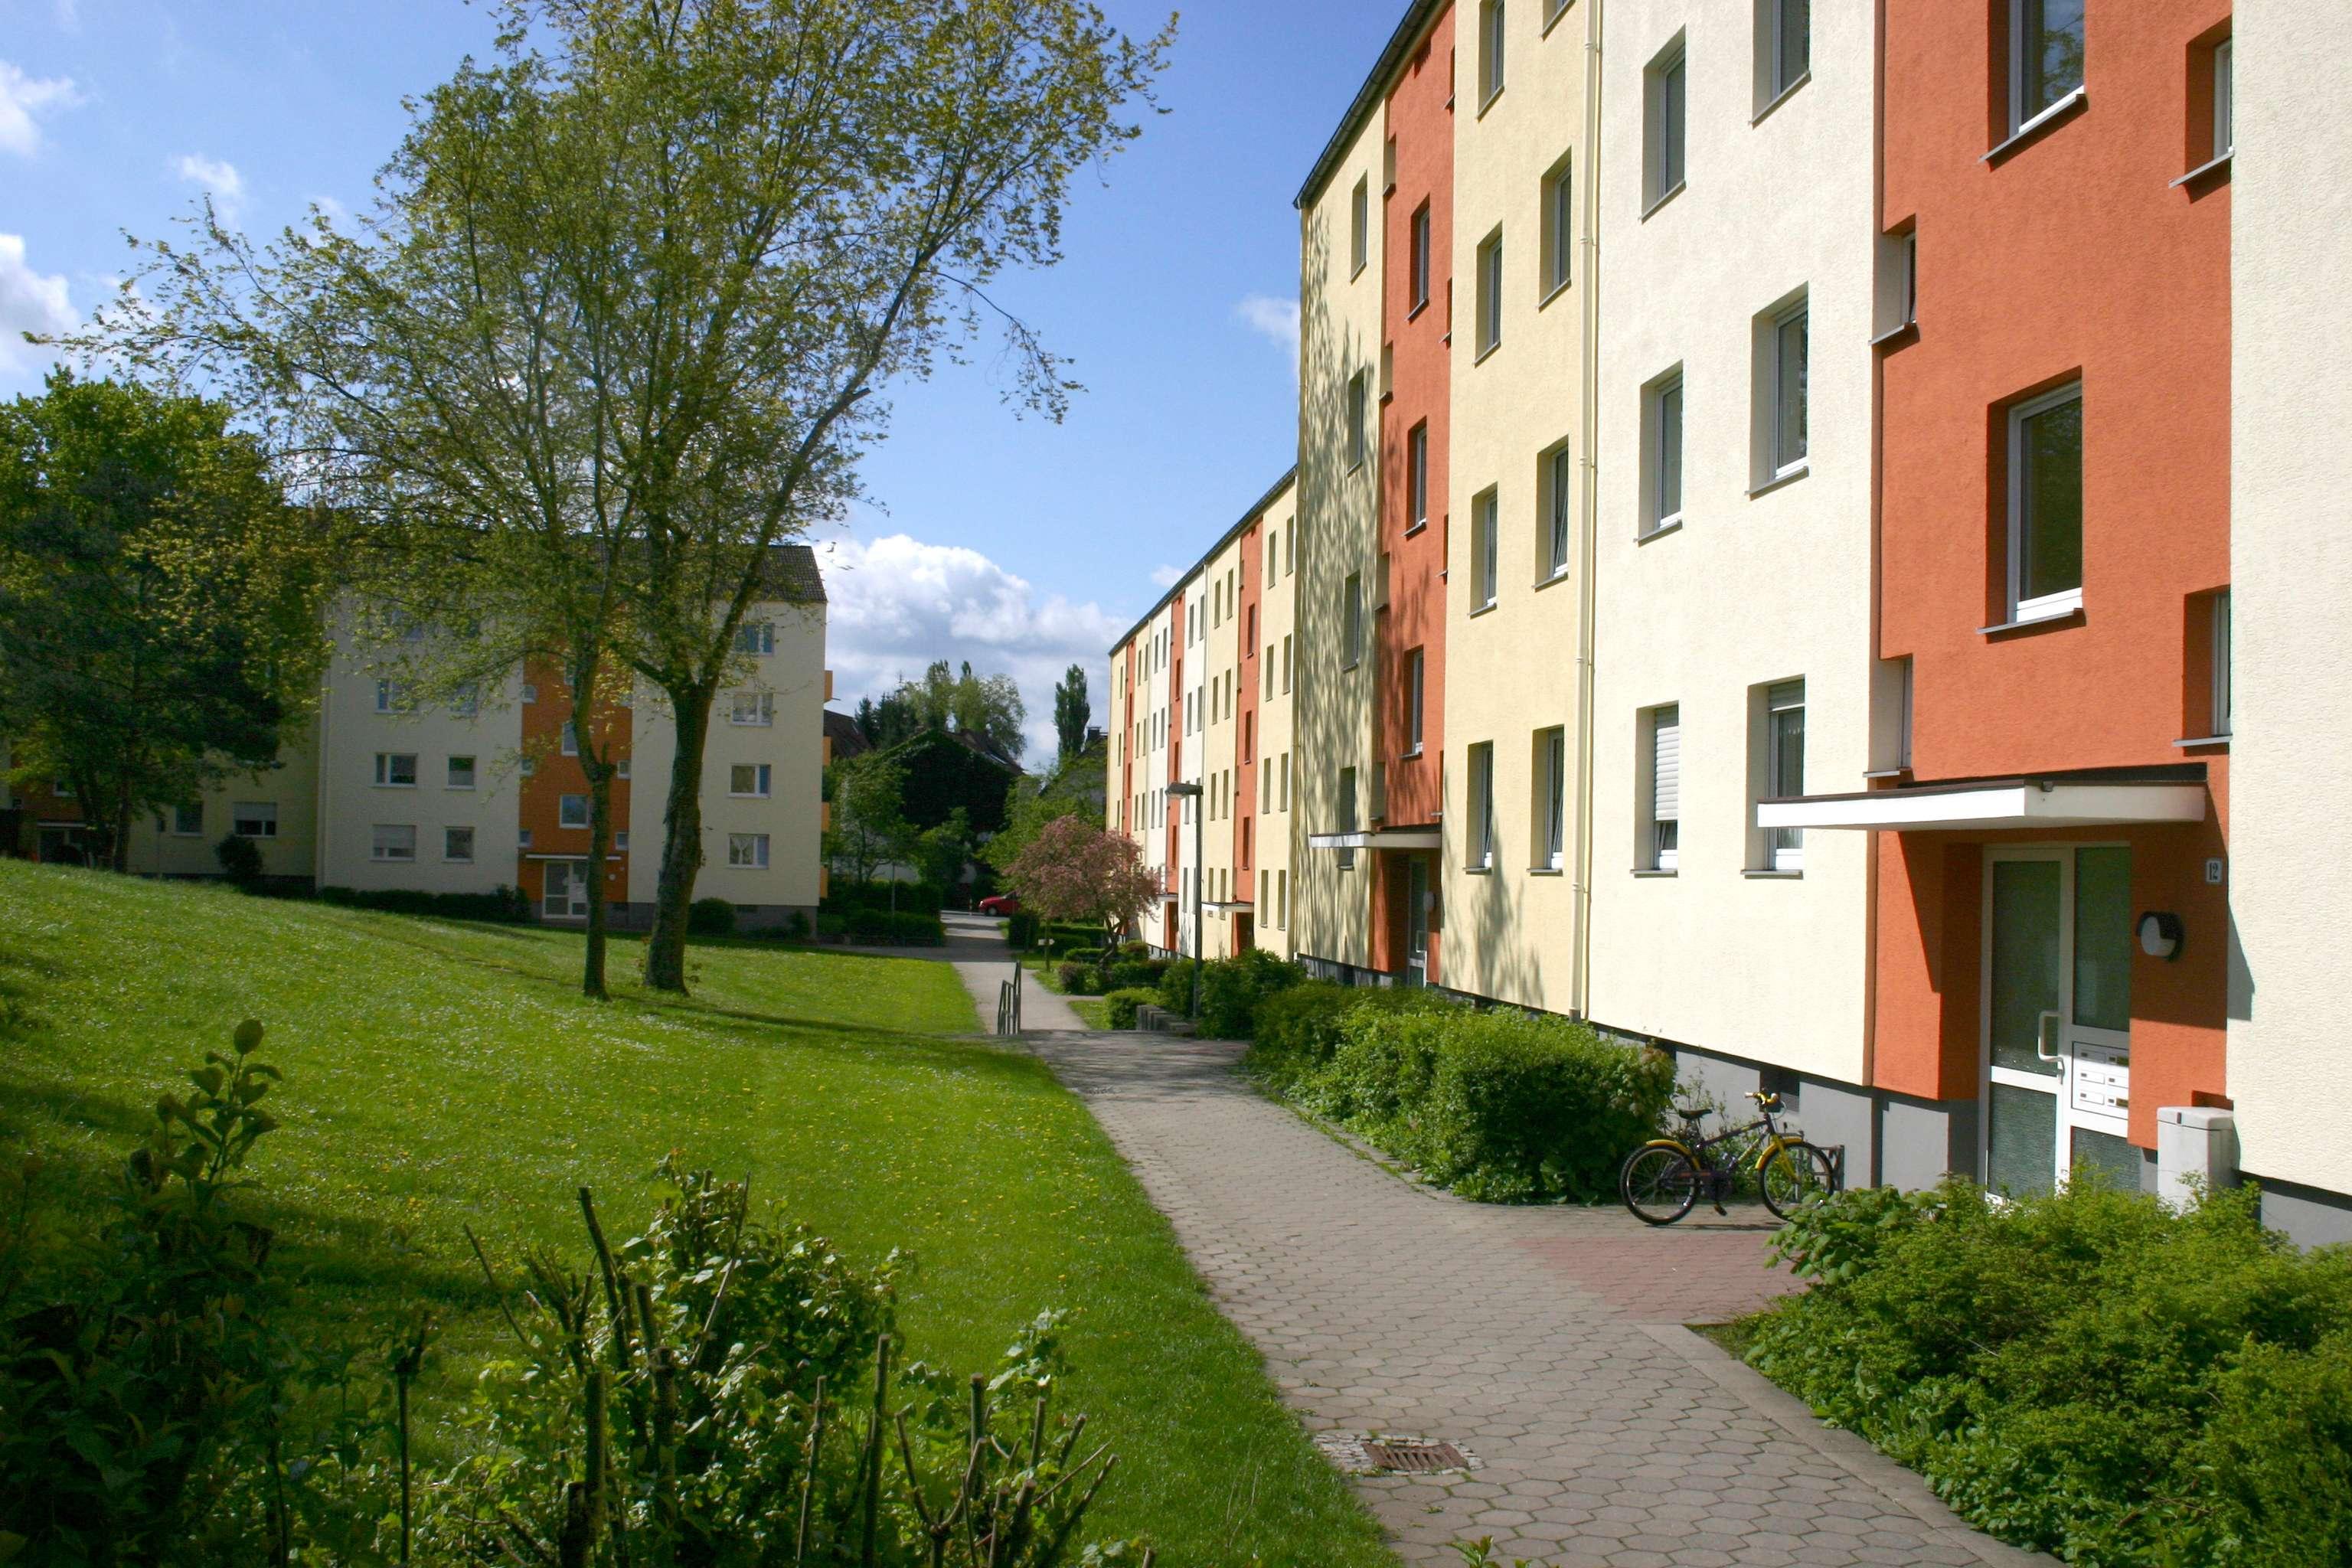 Erstbezug nach Renovierung mit Balkon: kompakte 3-Zimmer-DG Wohnung im 3.OG - Lauf (rechts) in Lauf an der Pegnitz